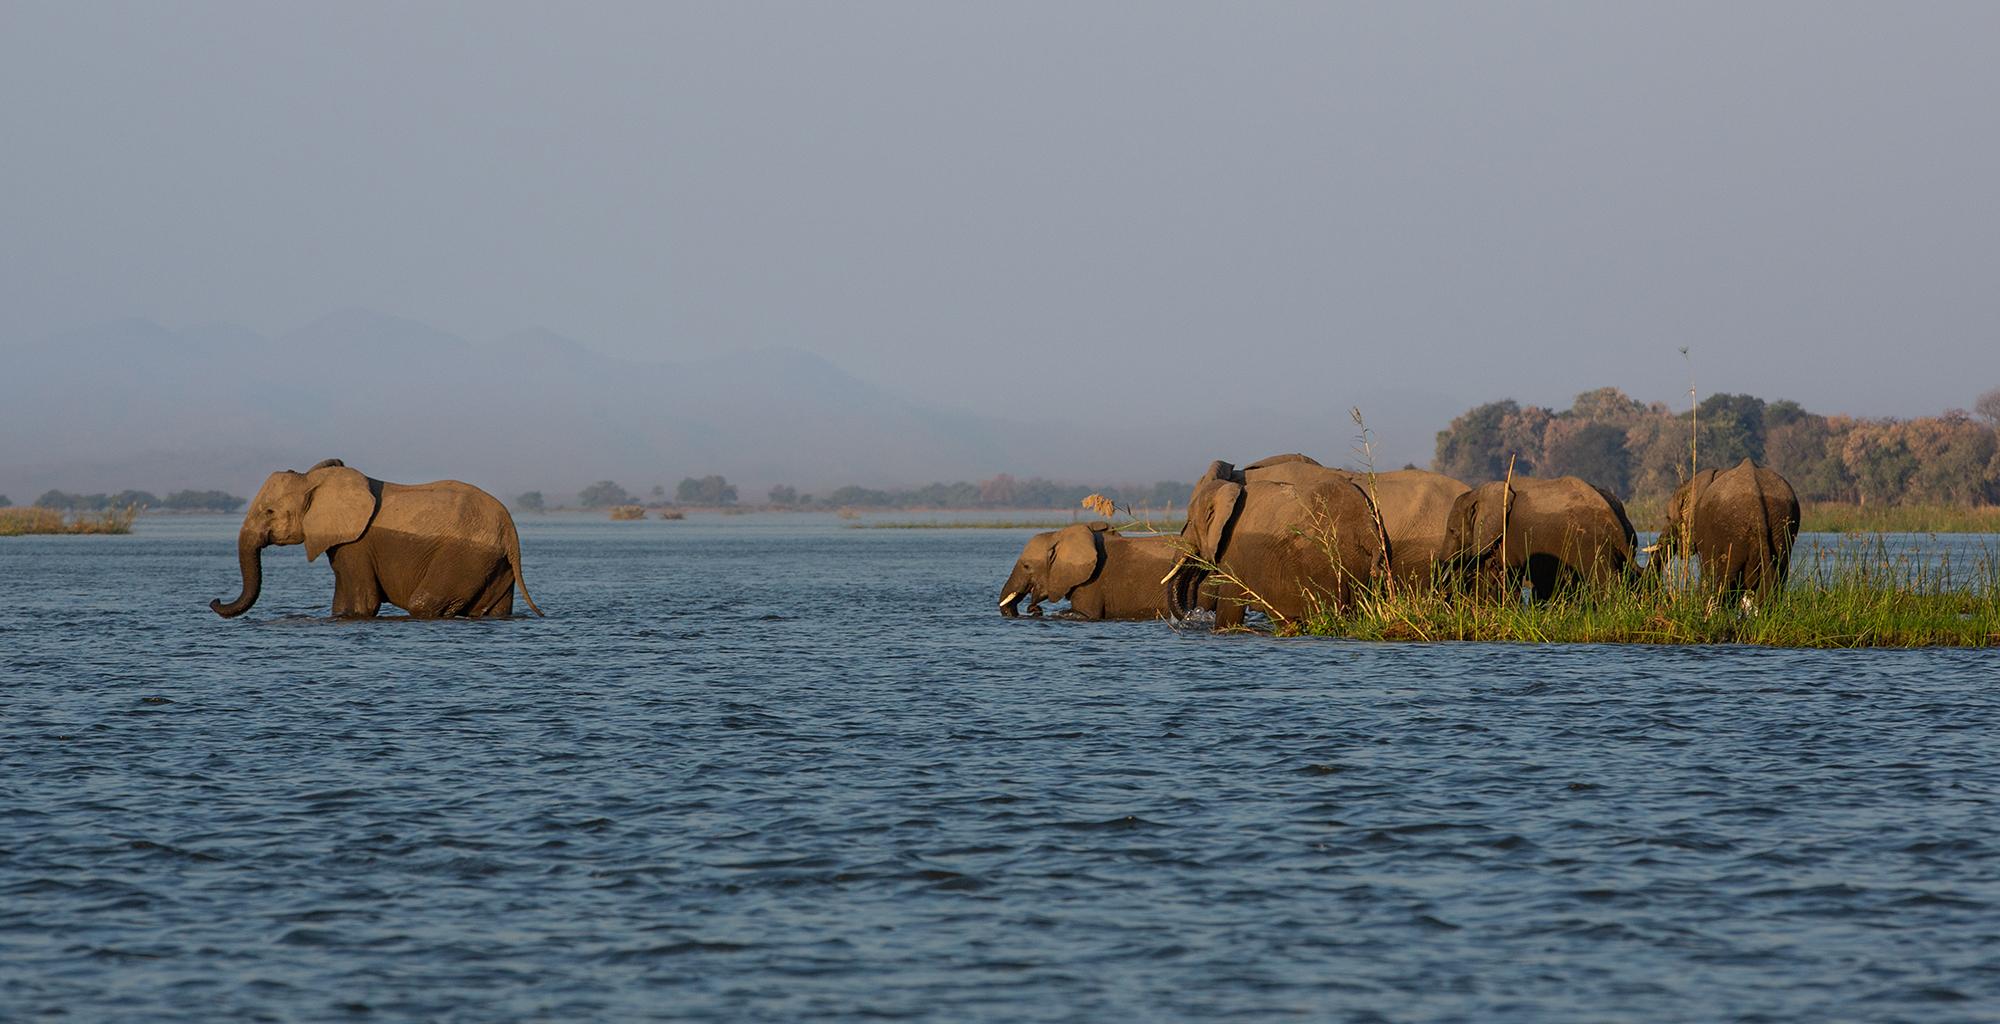 Zimbabwe-Greater-Mana-Expedition-Wildlife-Elephant